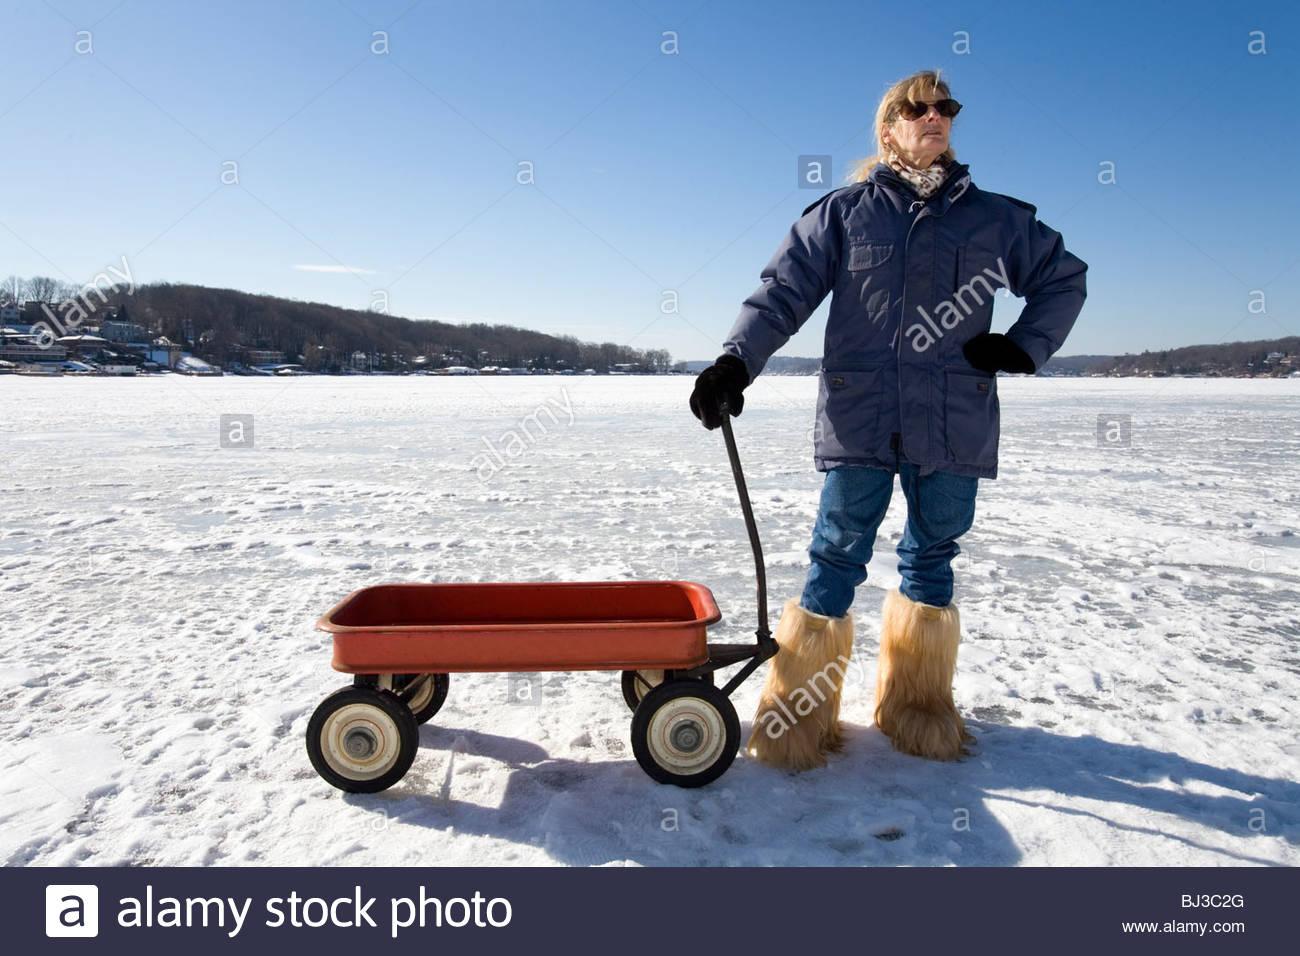 Frau steht neben ihr Radio Flyer Red Wagon auf zugefrorenen See im Winter. Stockfoto